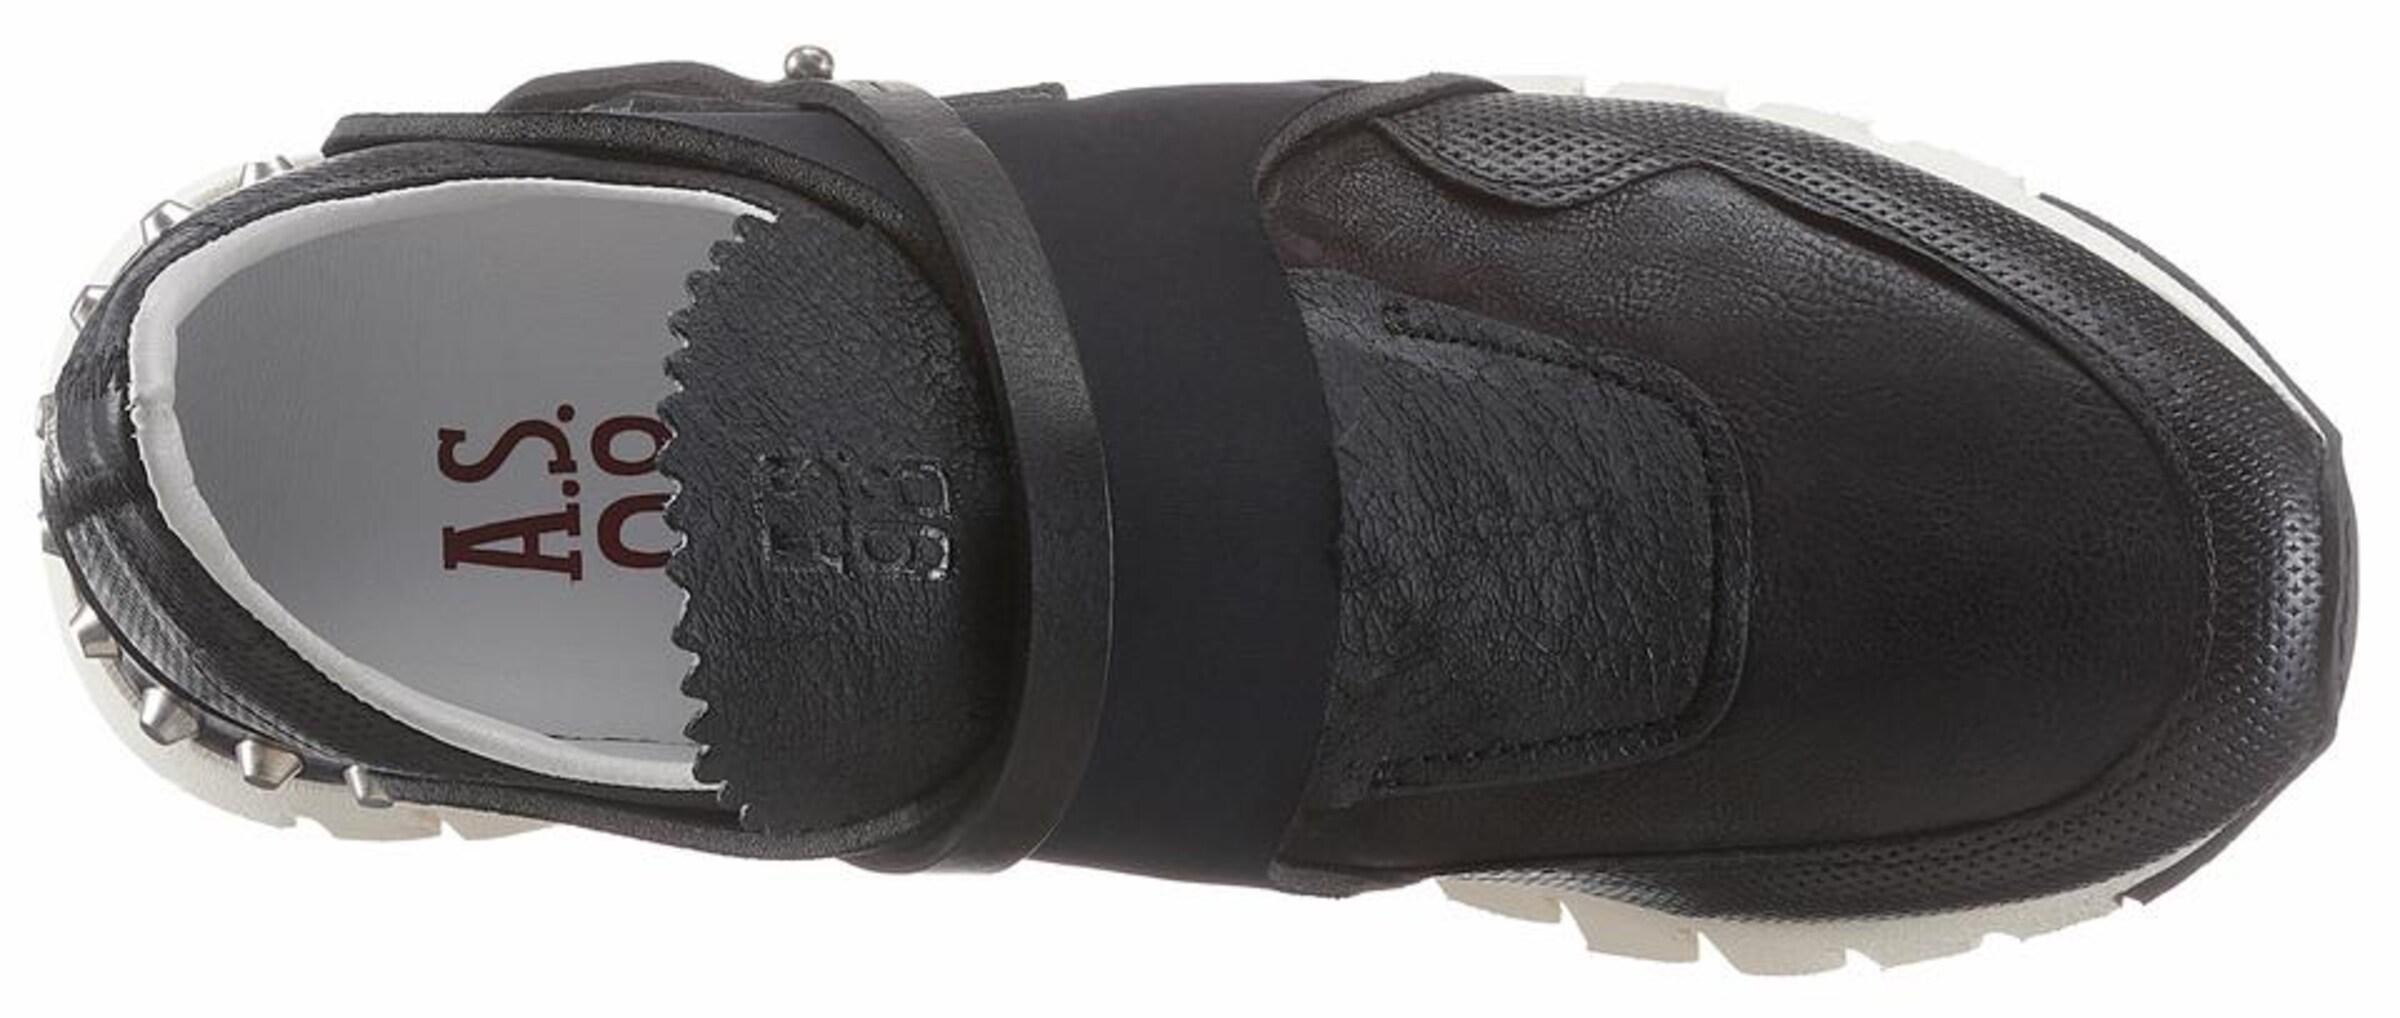 A.S.98 Sneaker 'Denalux' Billig Verkauf Beliebt Beste Preise Im Netz Günstig Kaufen Footlocker 6Y70DZZ0YT